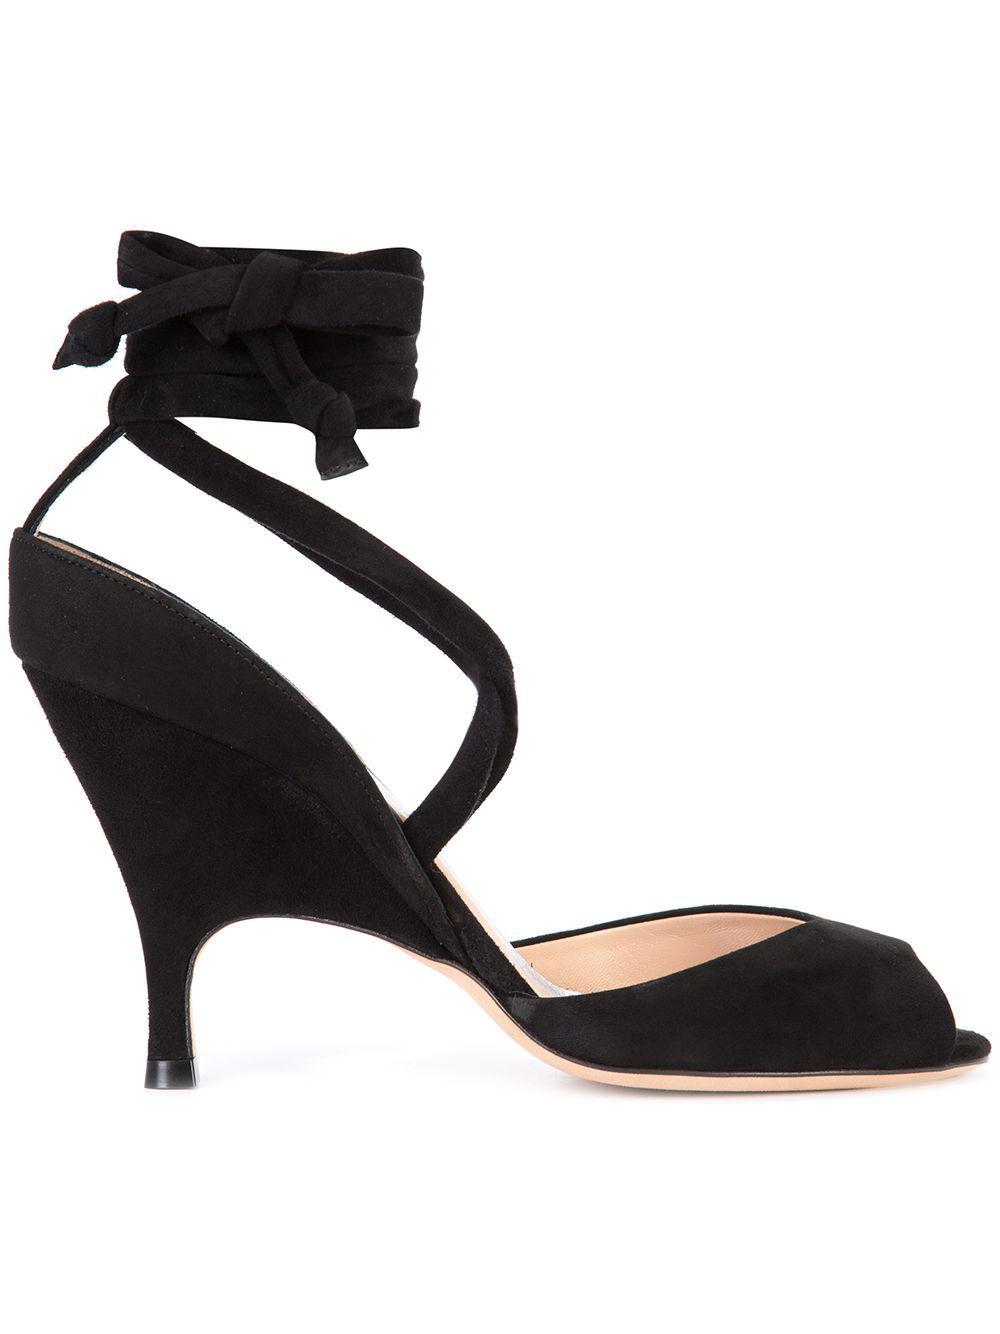 4883126f5ae Lyst - Alchimia Di Ballin Strappy Sandals in Black